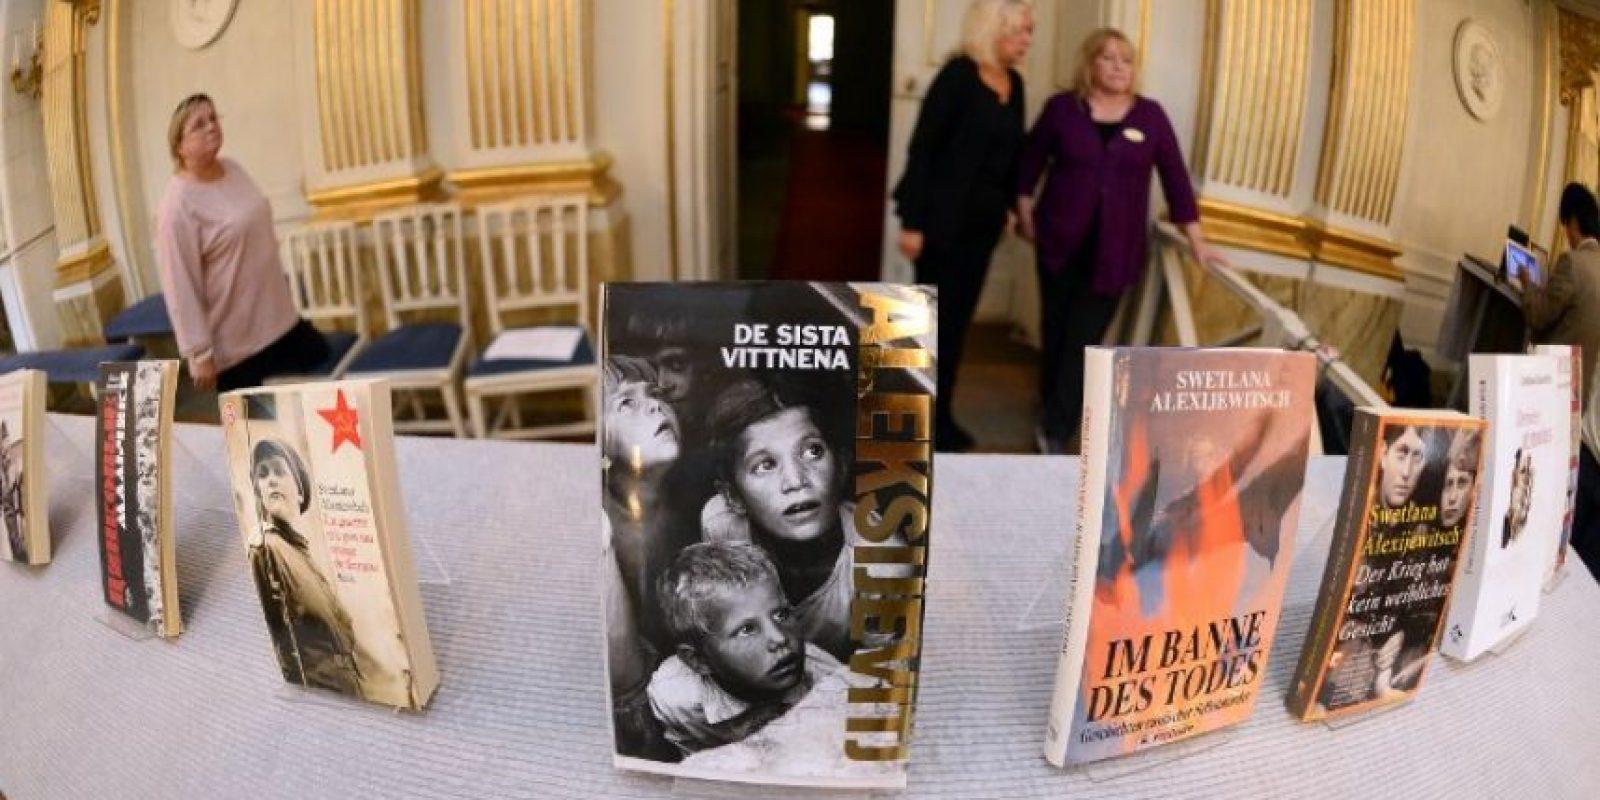 Entrevistó a más de 500 testigos del desastre nuclear de Chernobyl, del 26 de abril de 1986 Foto:AFP